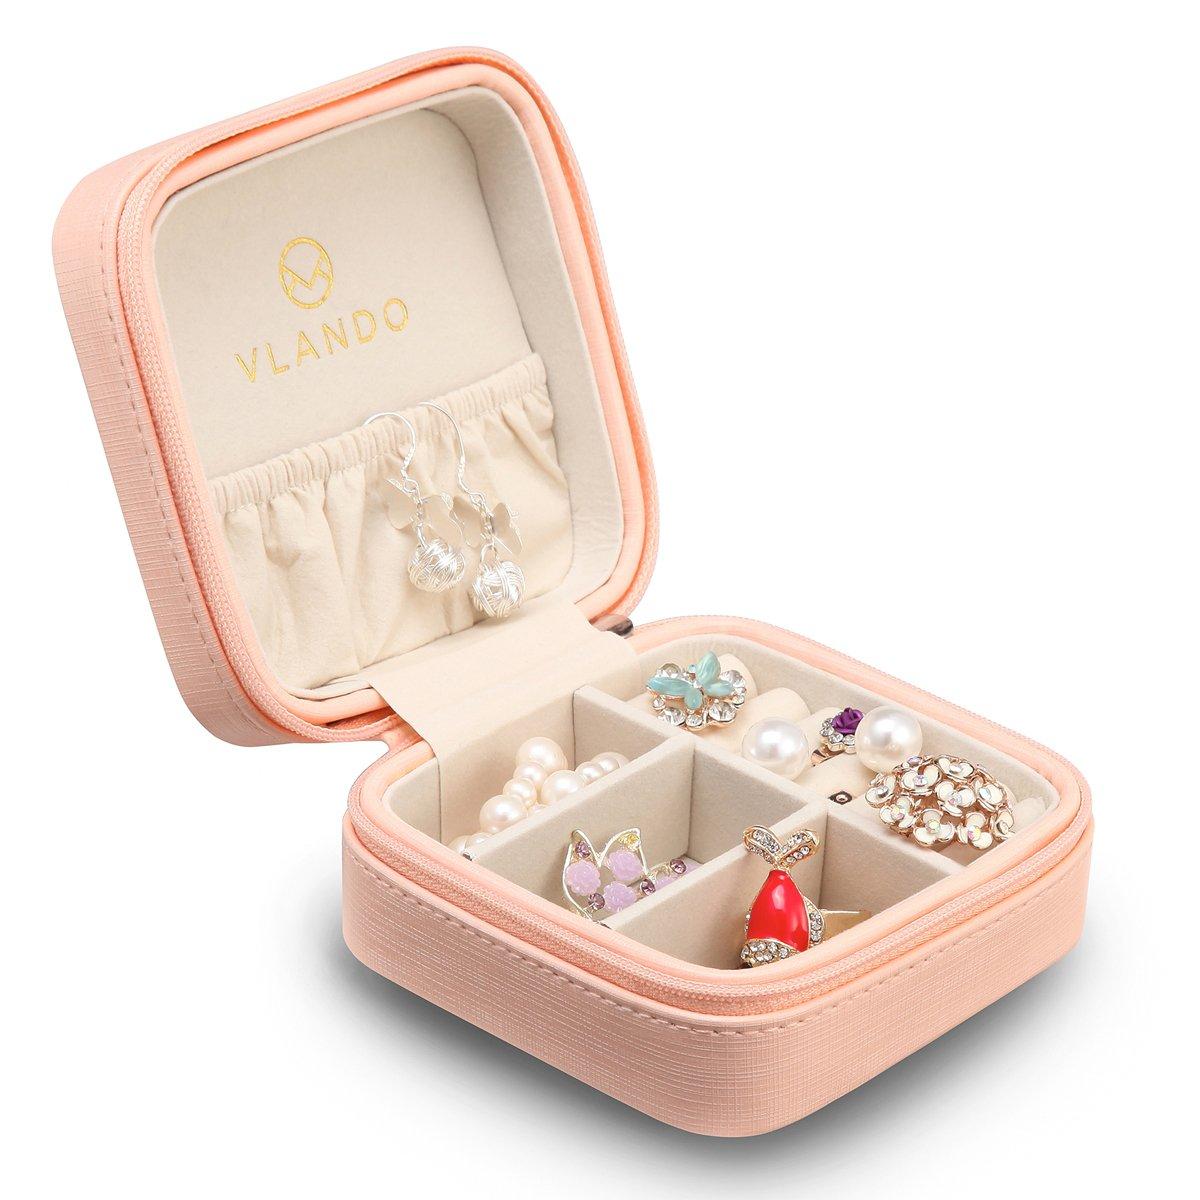 Vlando Small Faux Leather Travel Jewelry Box Organizer Display Storage Case